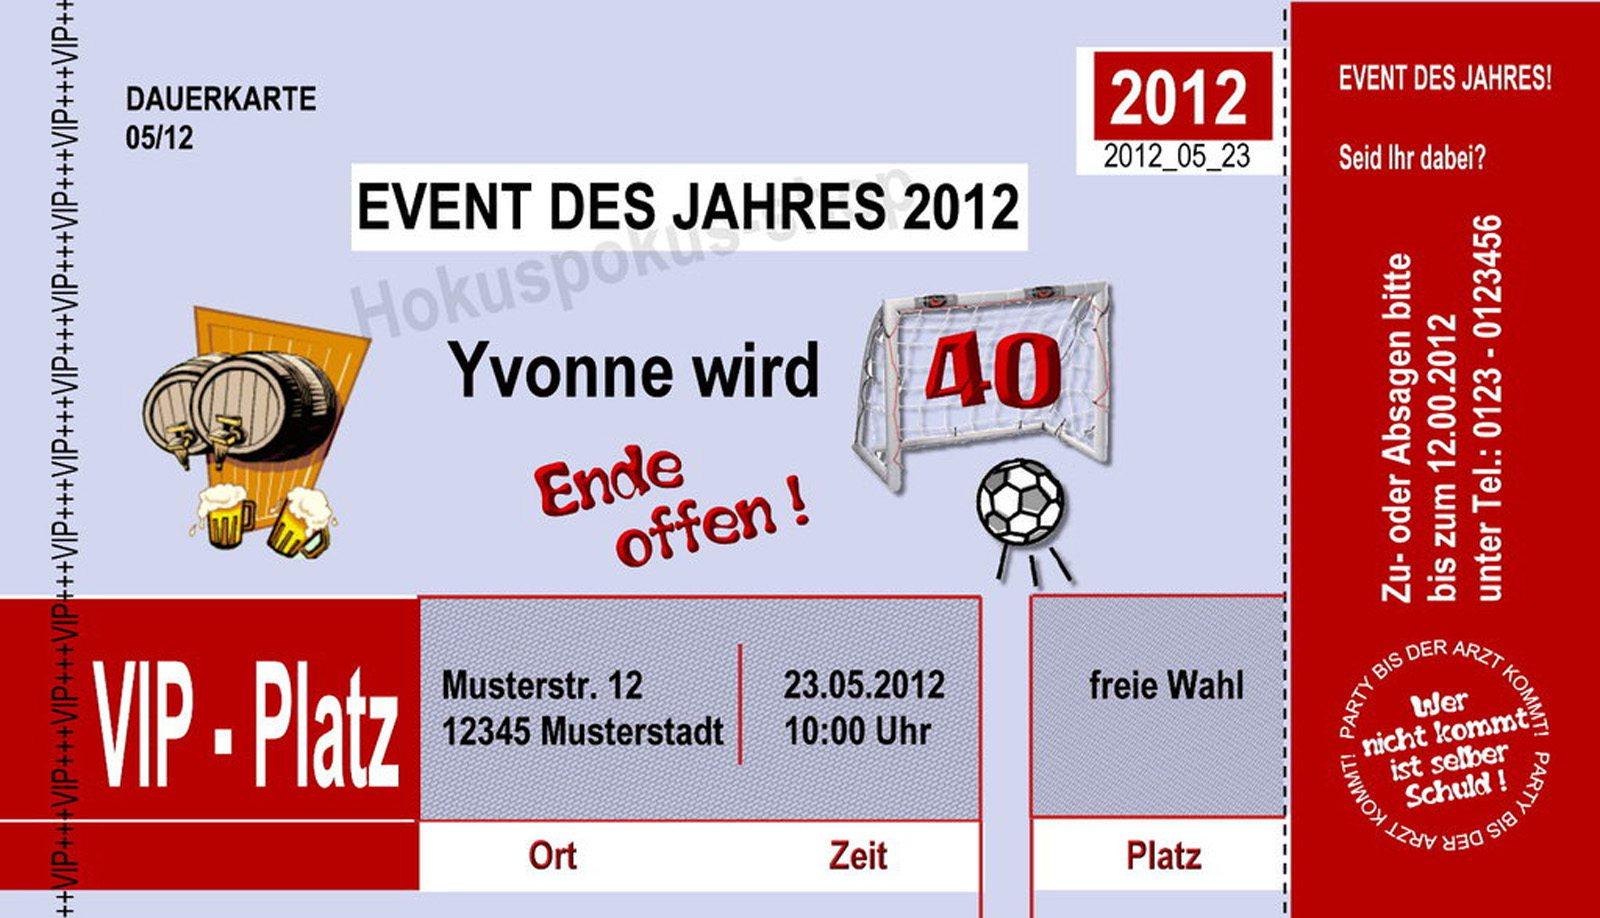 Related Image For Einladung Zum 40 Geburtstag Kostenlos Download